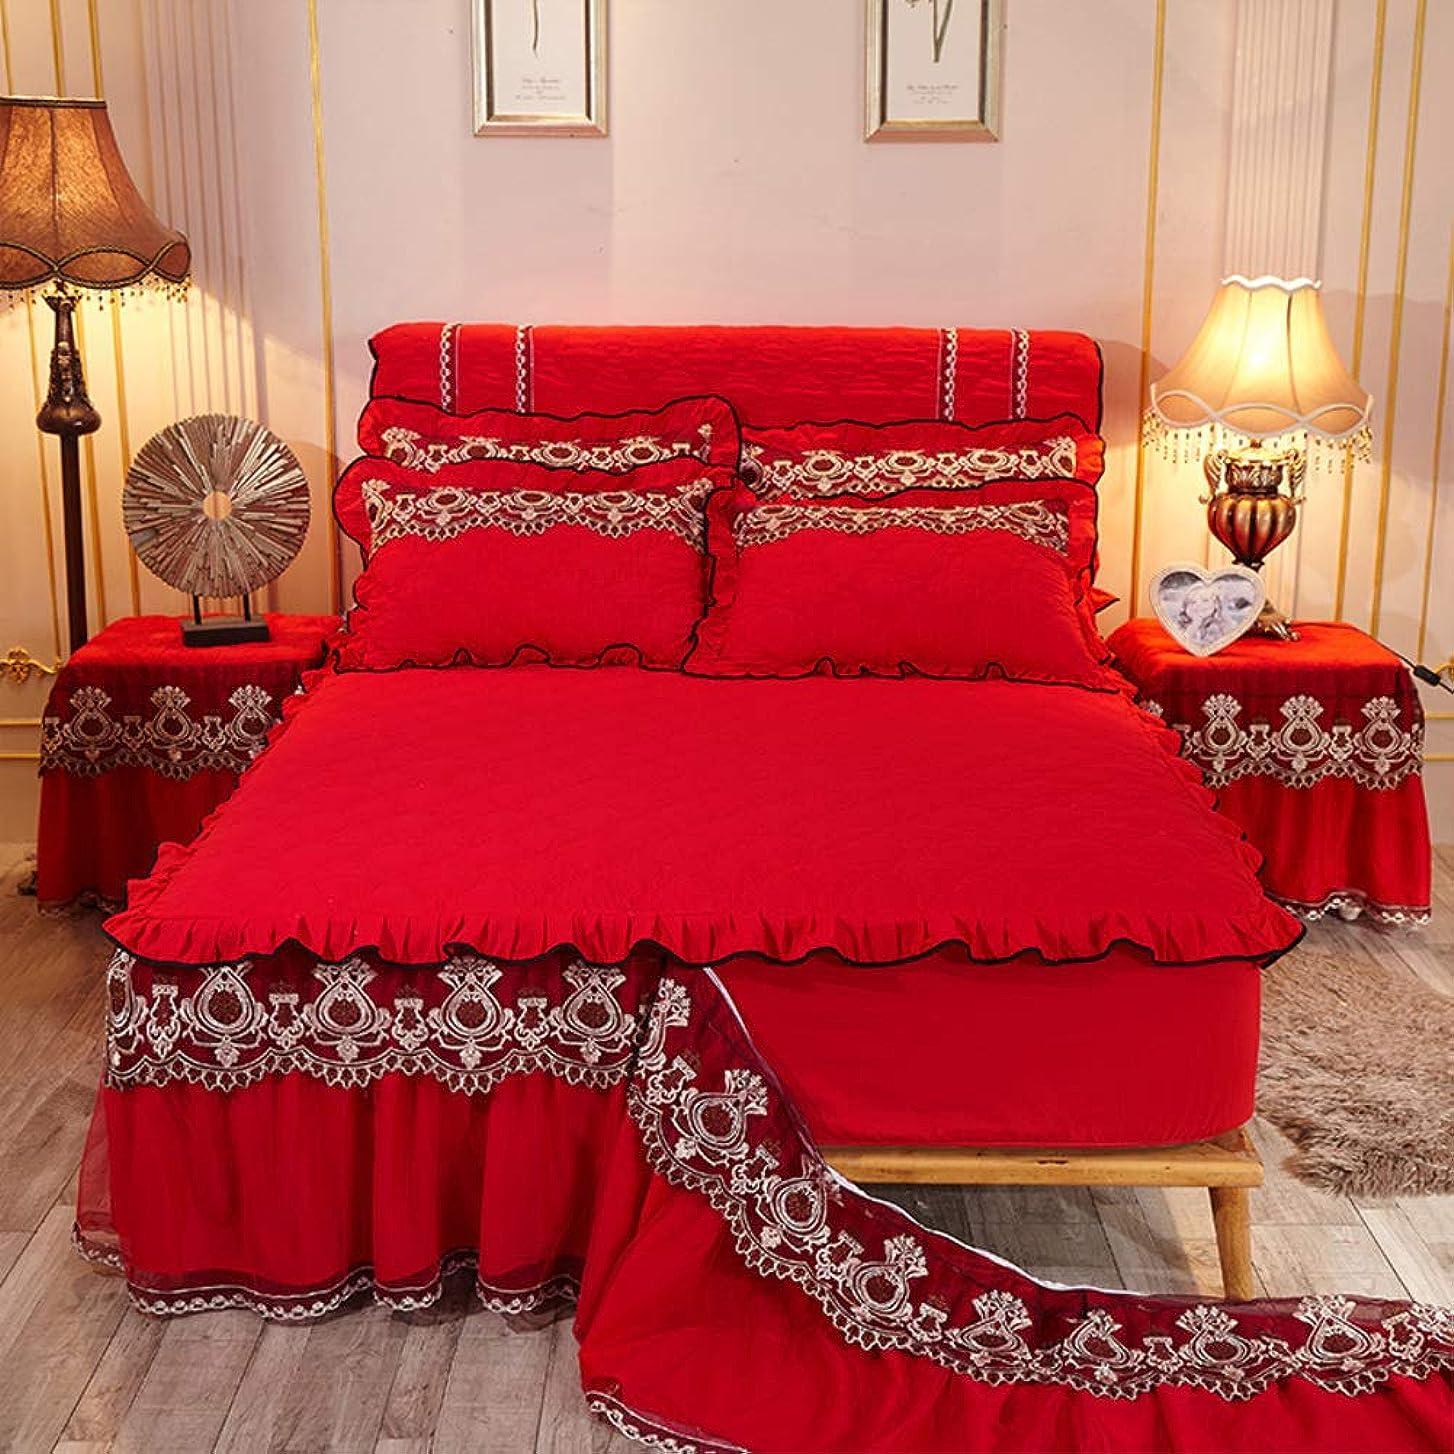 広大な夜間衣服欧州 着脱式 ラップ ベッドスカート, キルト レース トリミング 弾性 ベッドカバー 厚い キャタピラー エンボス加工 ベッド-f 180x200cm